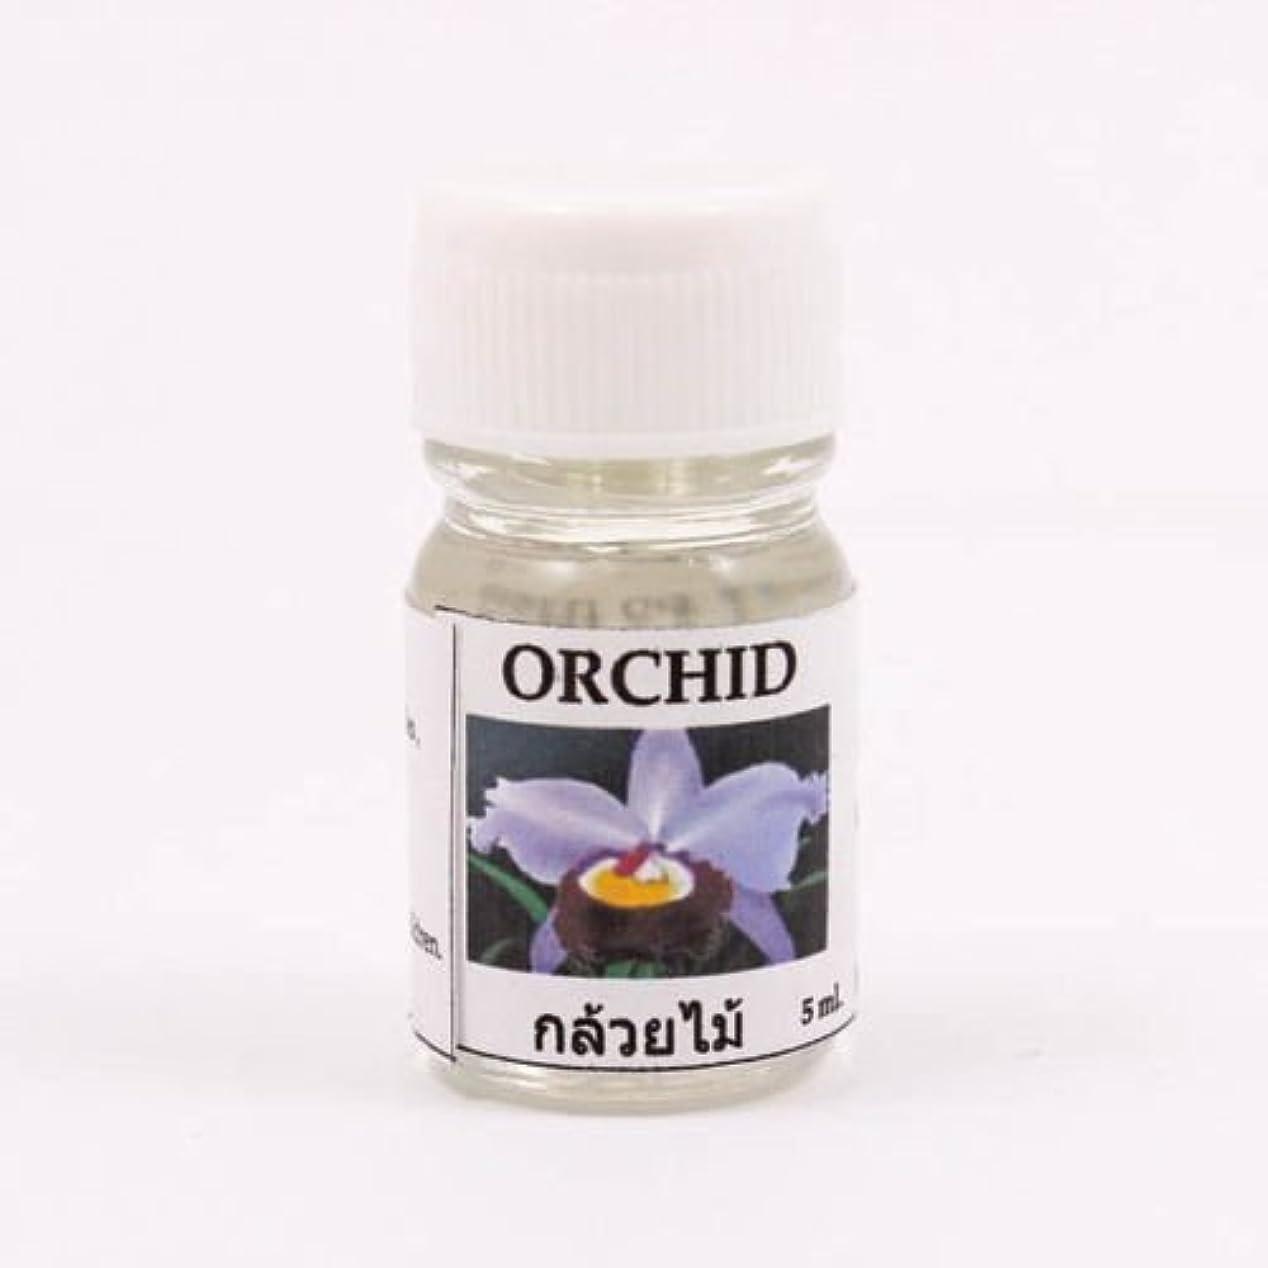 間書き出す発音6X Orchid Aroma Fragrance Essential Oil 5ML. (cc) Diffuser Burner Therapy